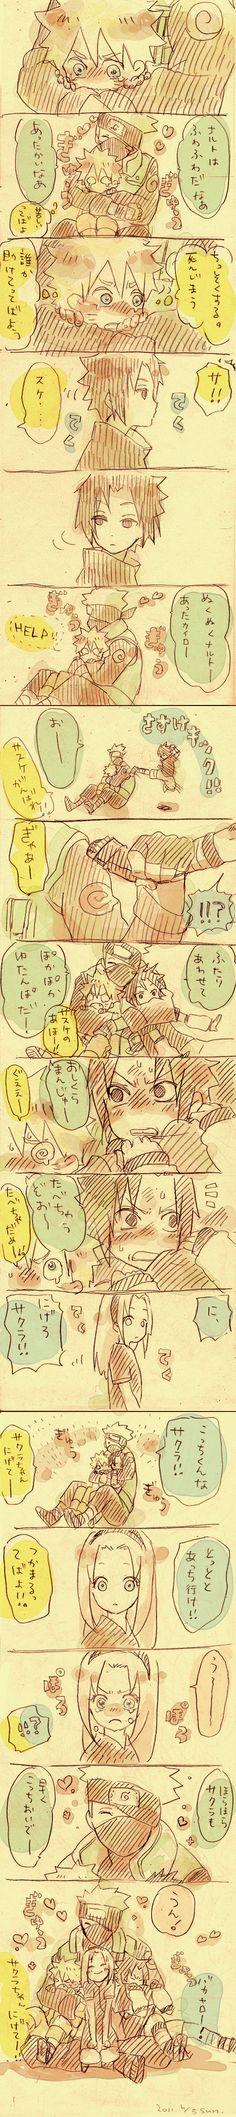 Naruto | Masashi Kishimoto | Studio Pierrot / Team 7/#609351 - Zerochan